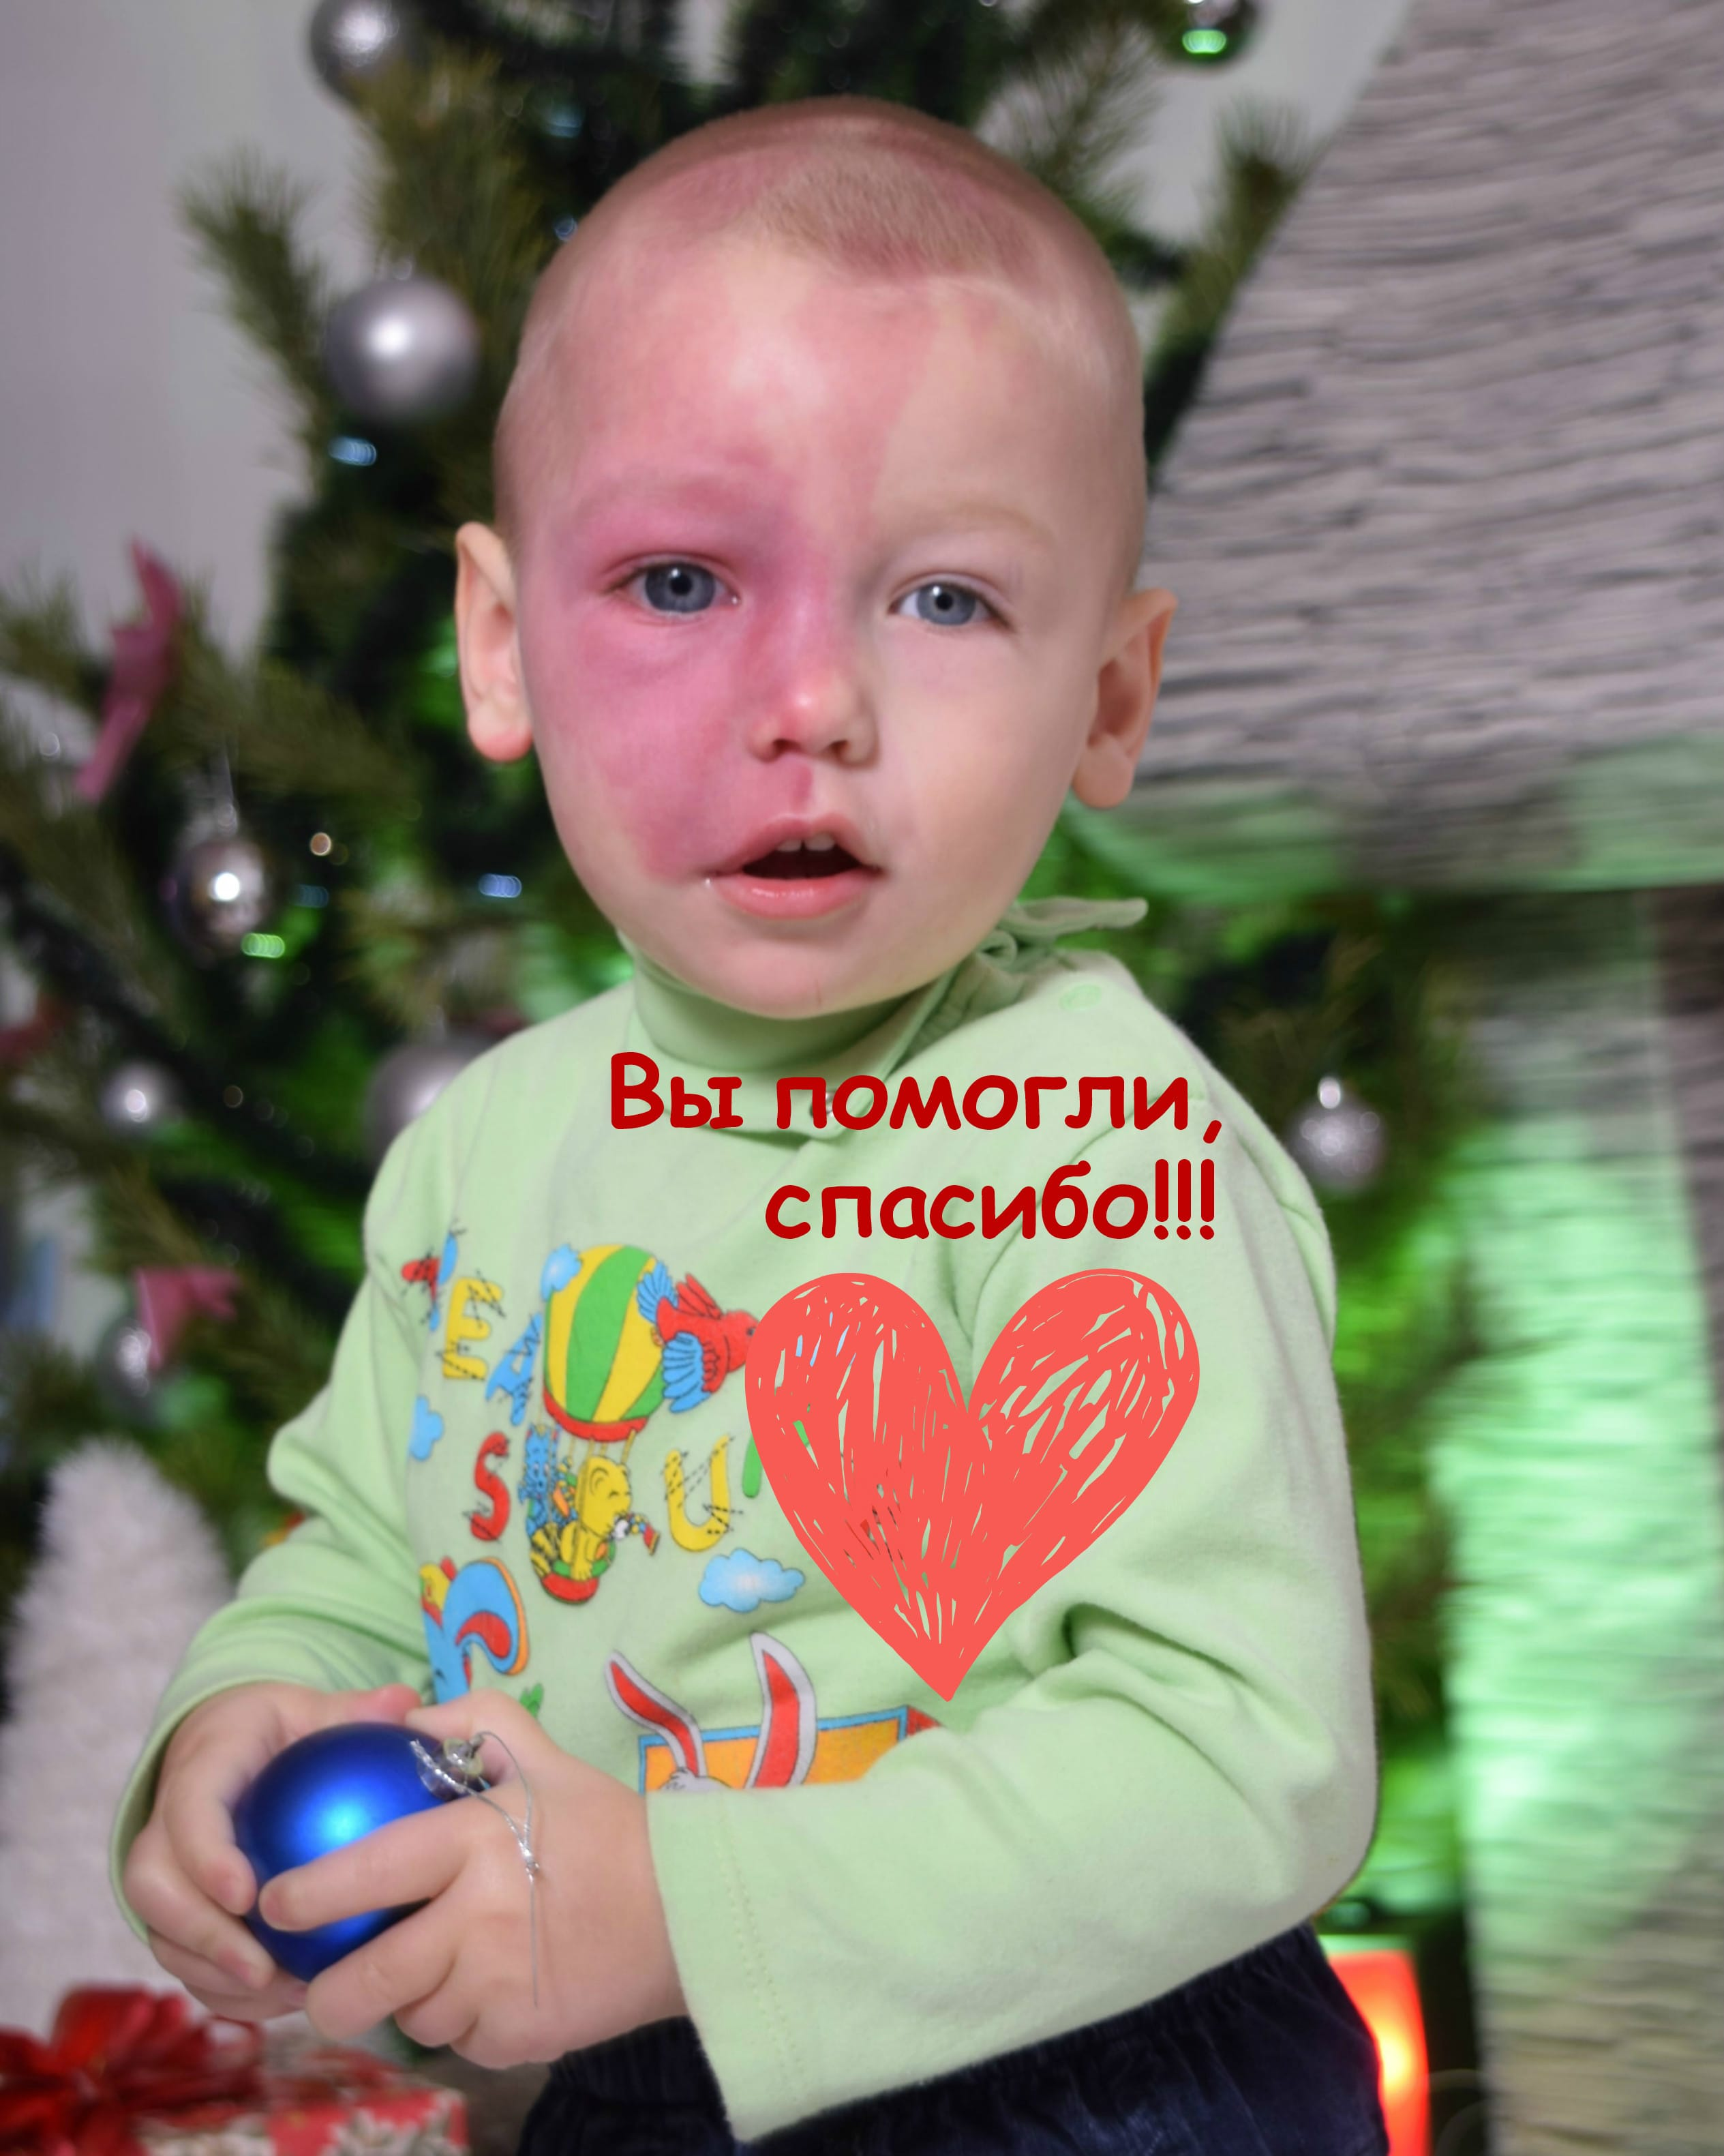 Виталик Солдатенко